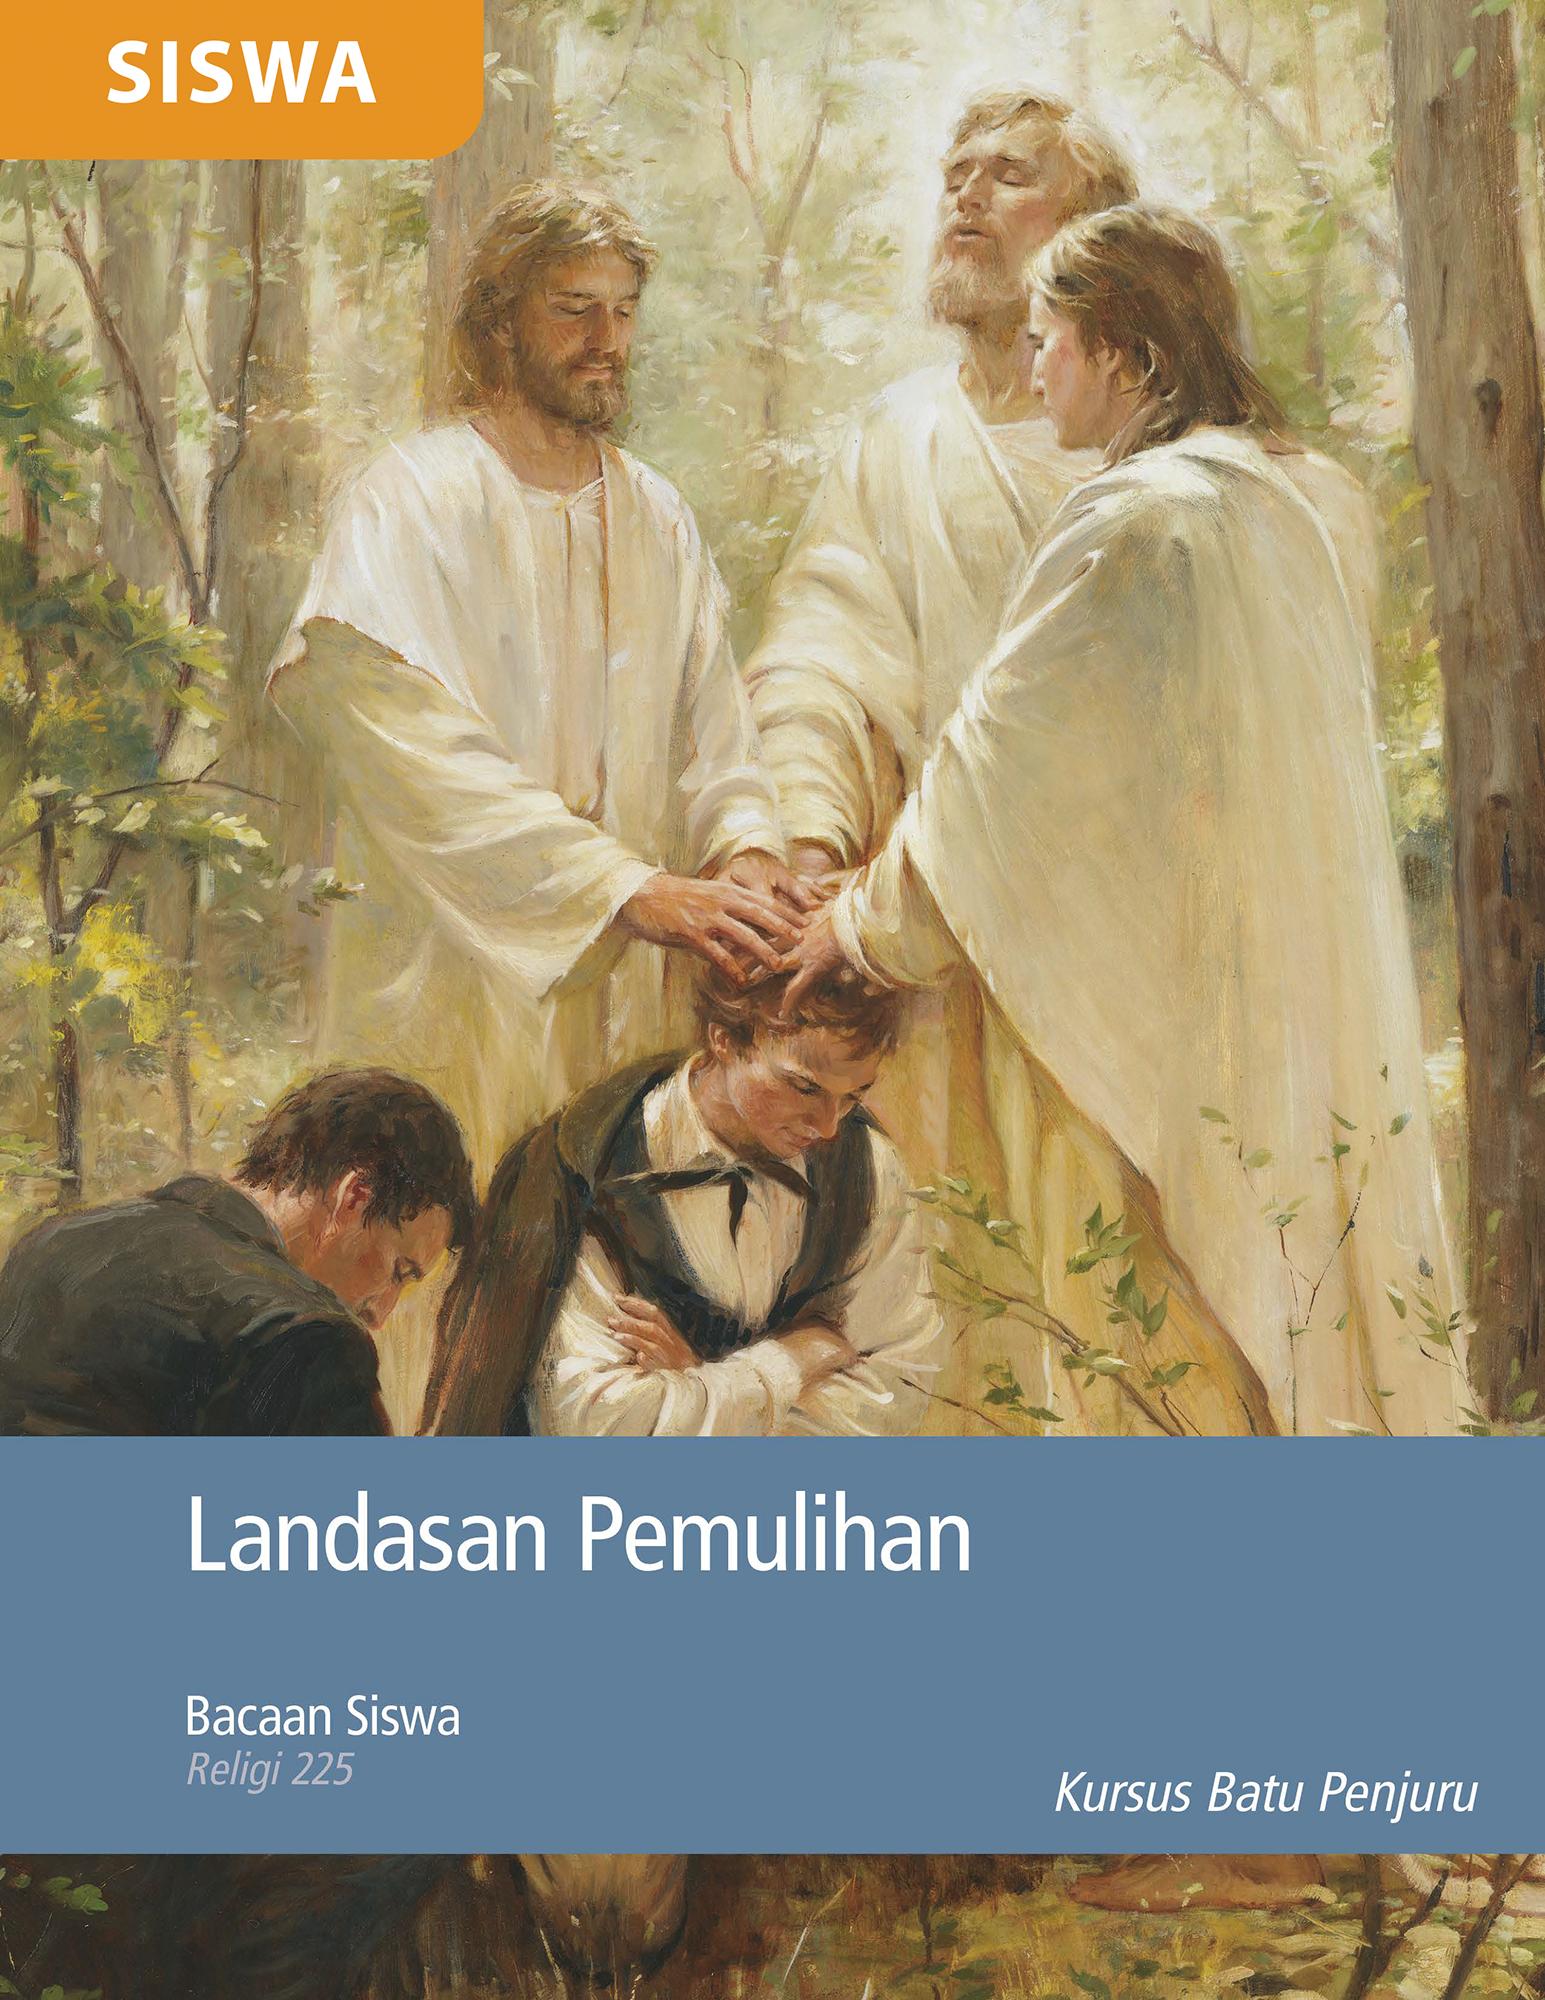 Bacaan Siswa Landasan Pemulihan (Religi 225)